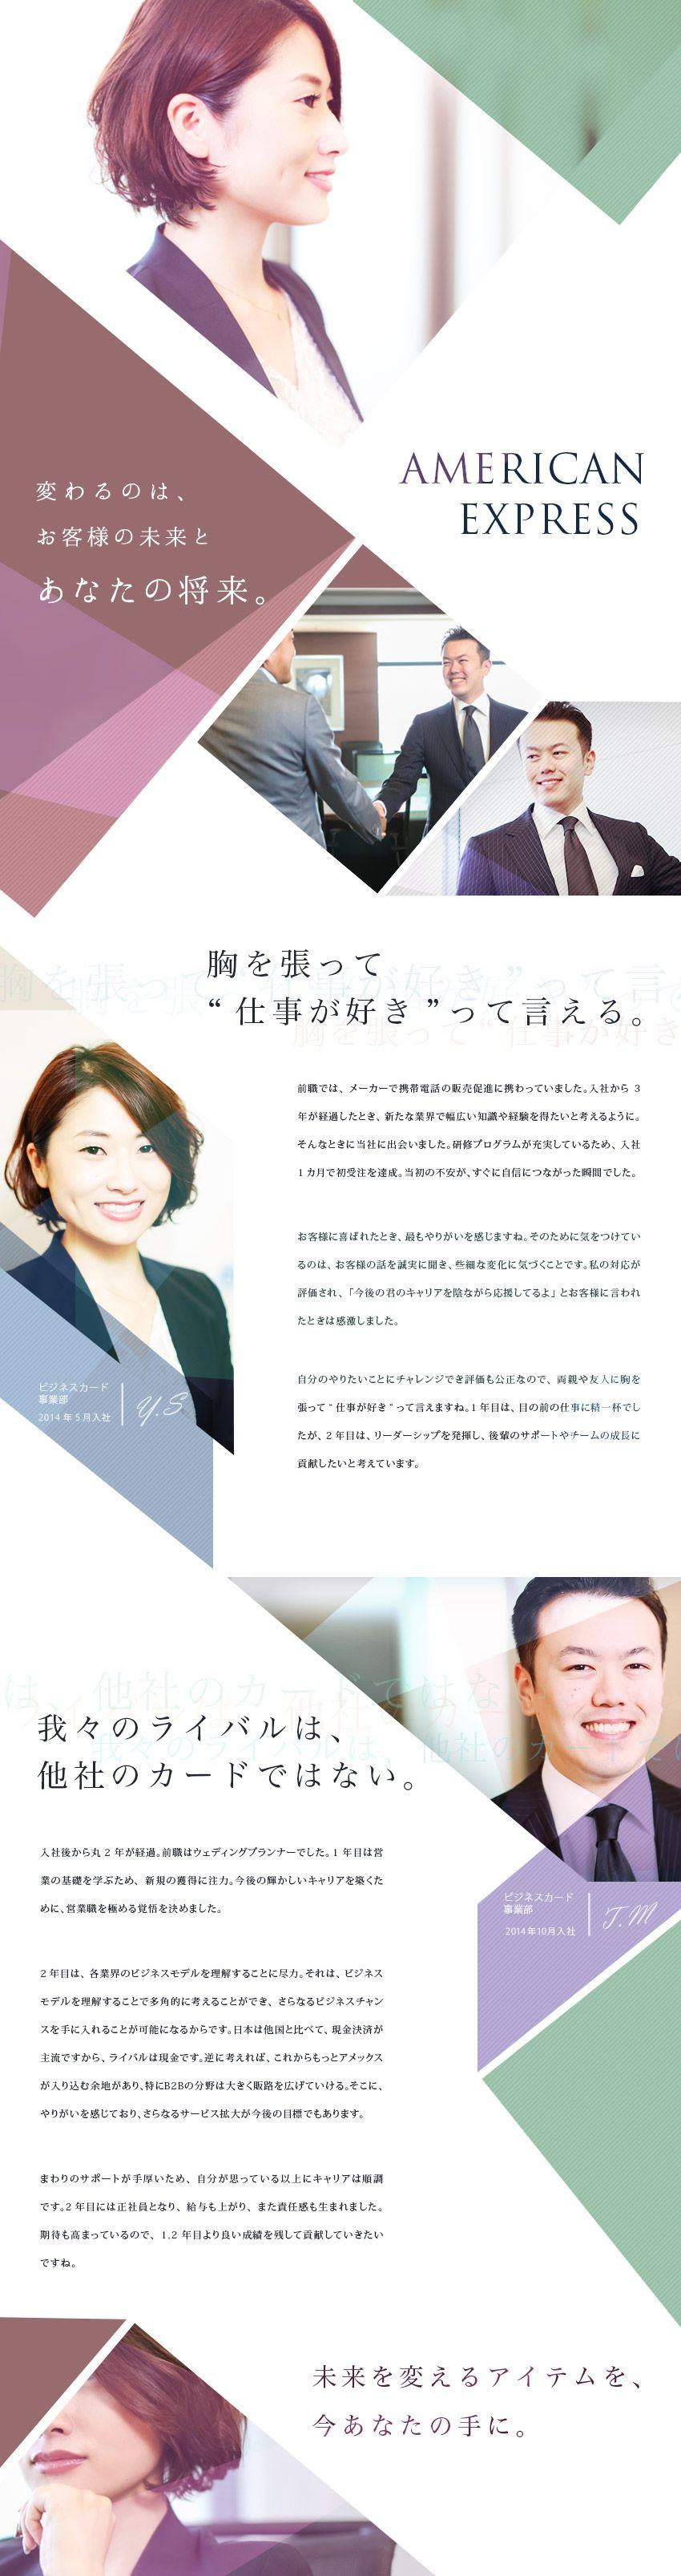 エキスプレス インターナショナル アメリカン 6月から吉本浩之氏が日本社長に就任へ(アメリカン・エキスプレス)